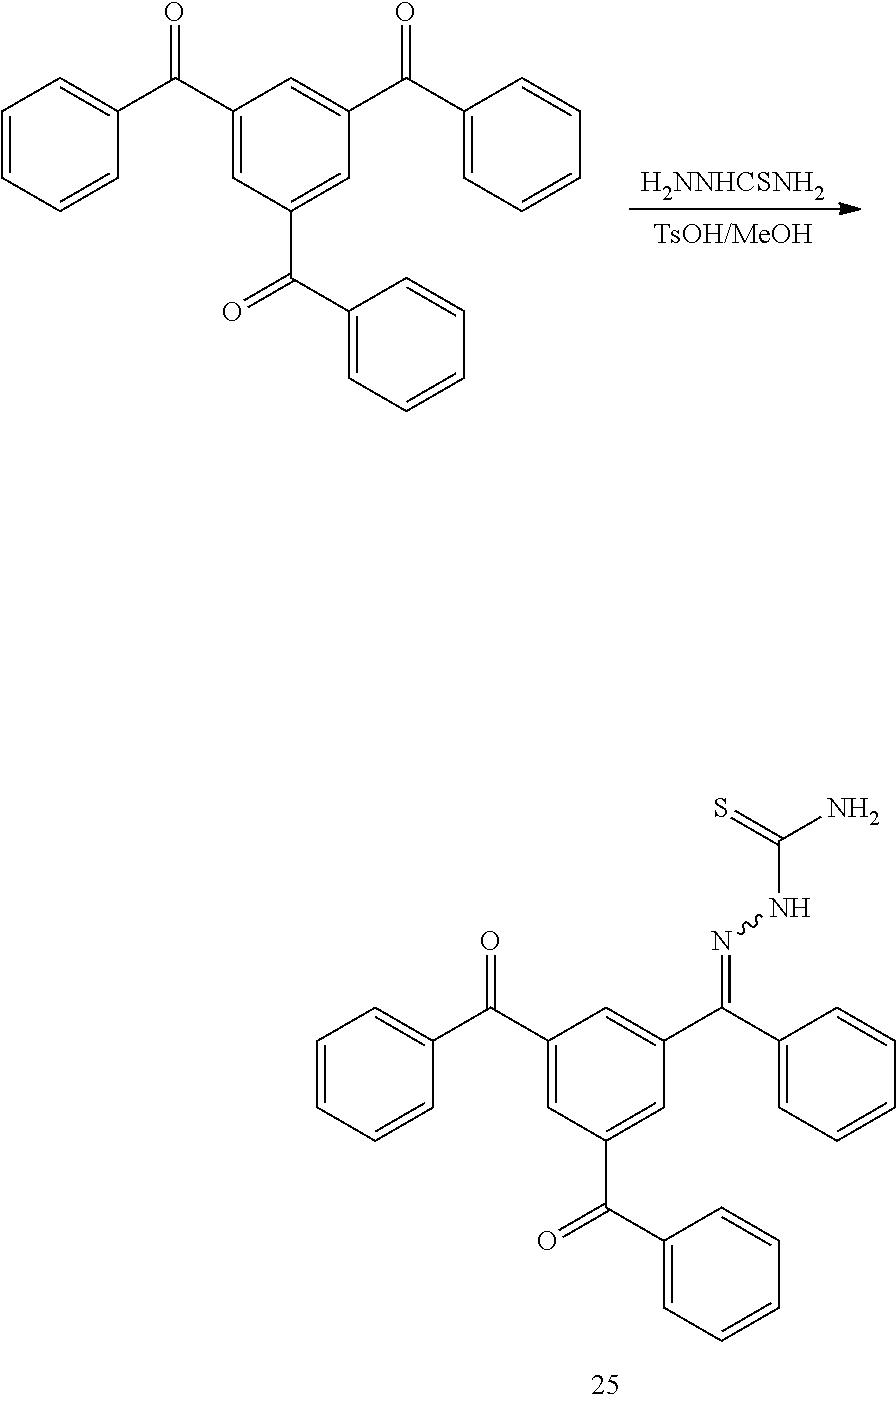 Figure US09458103-20161004-C00034